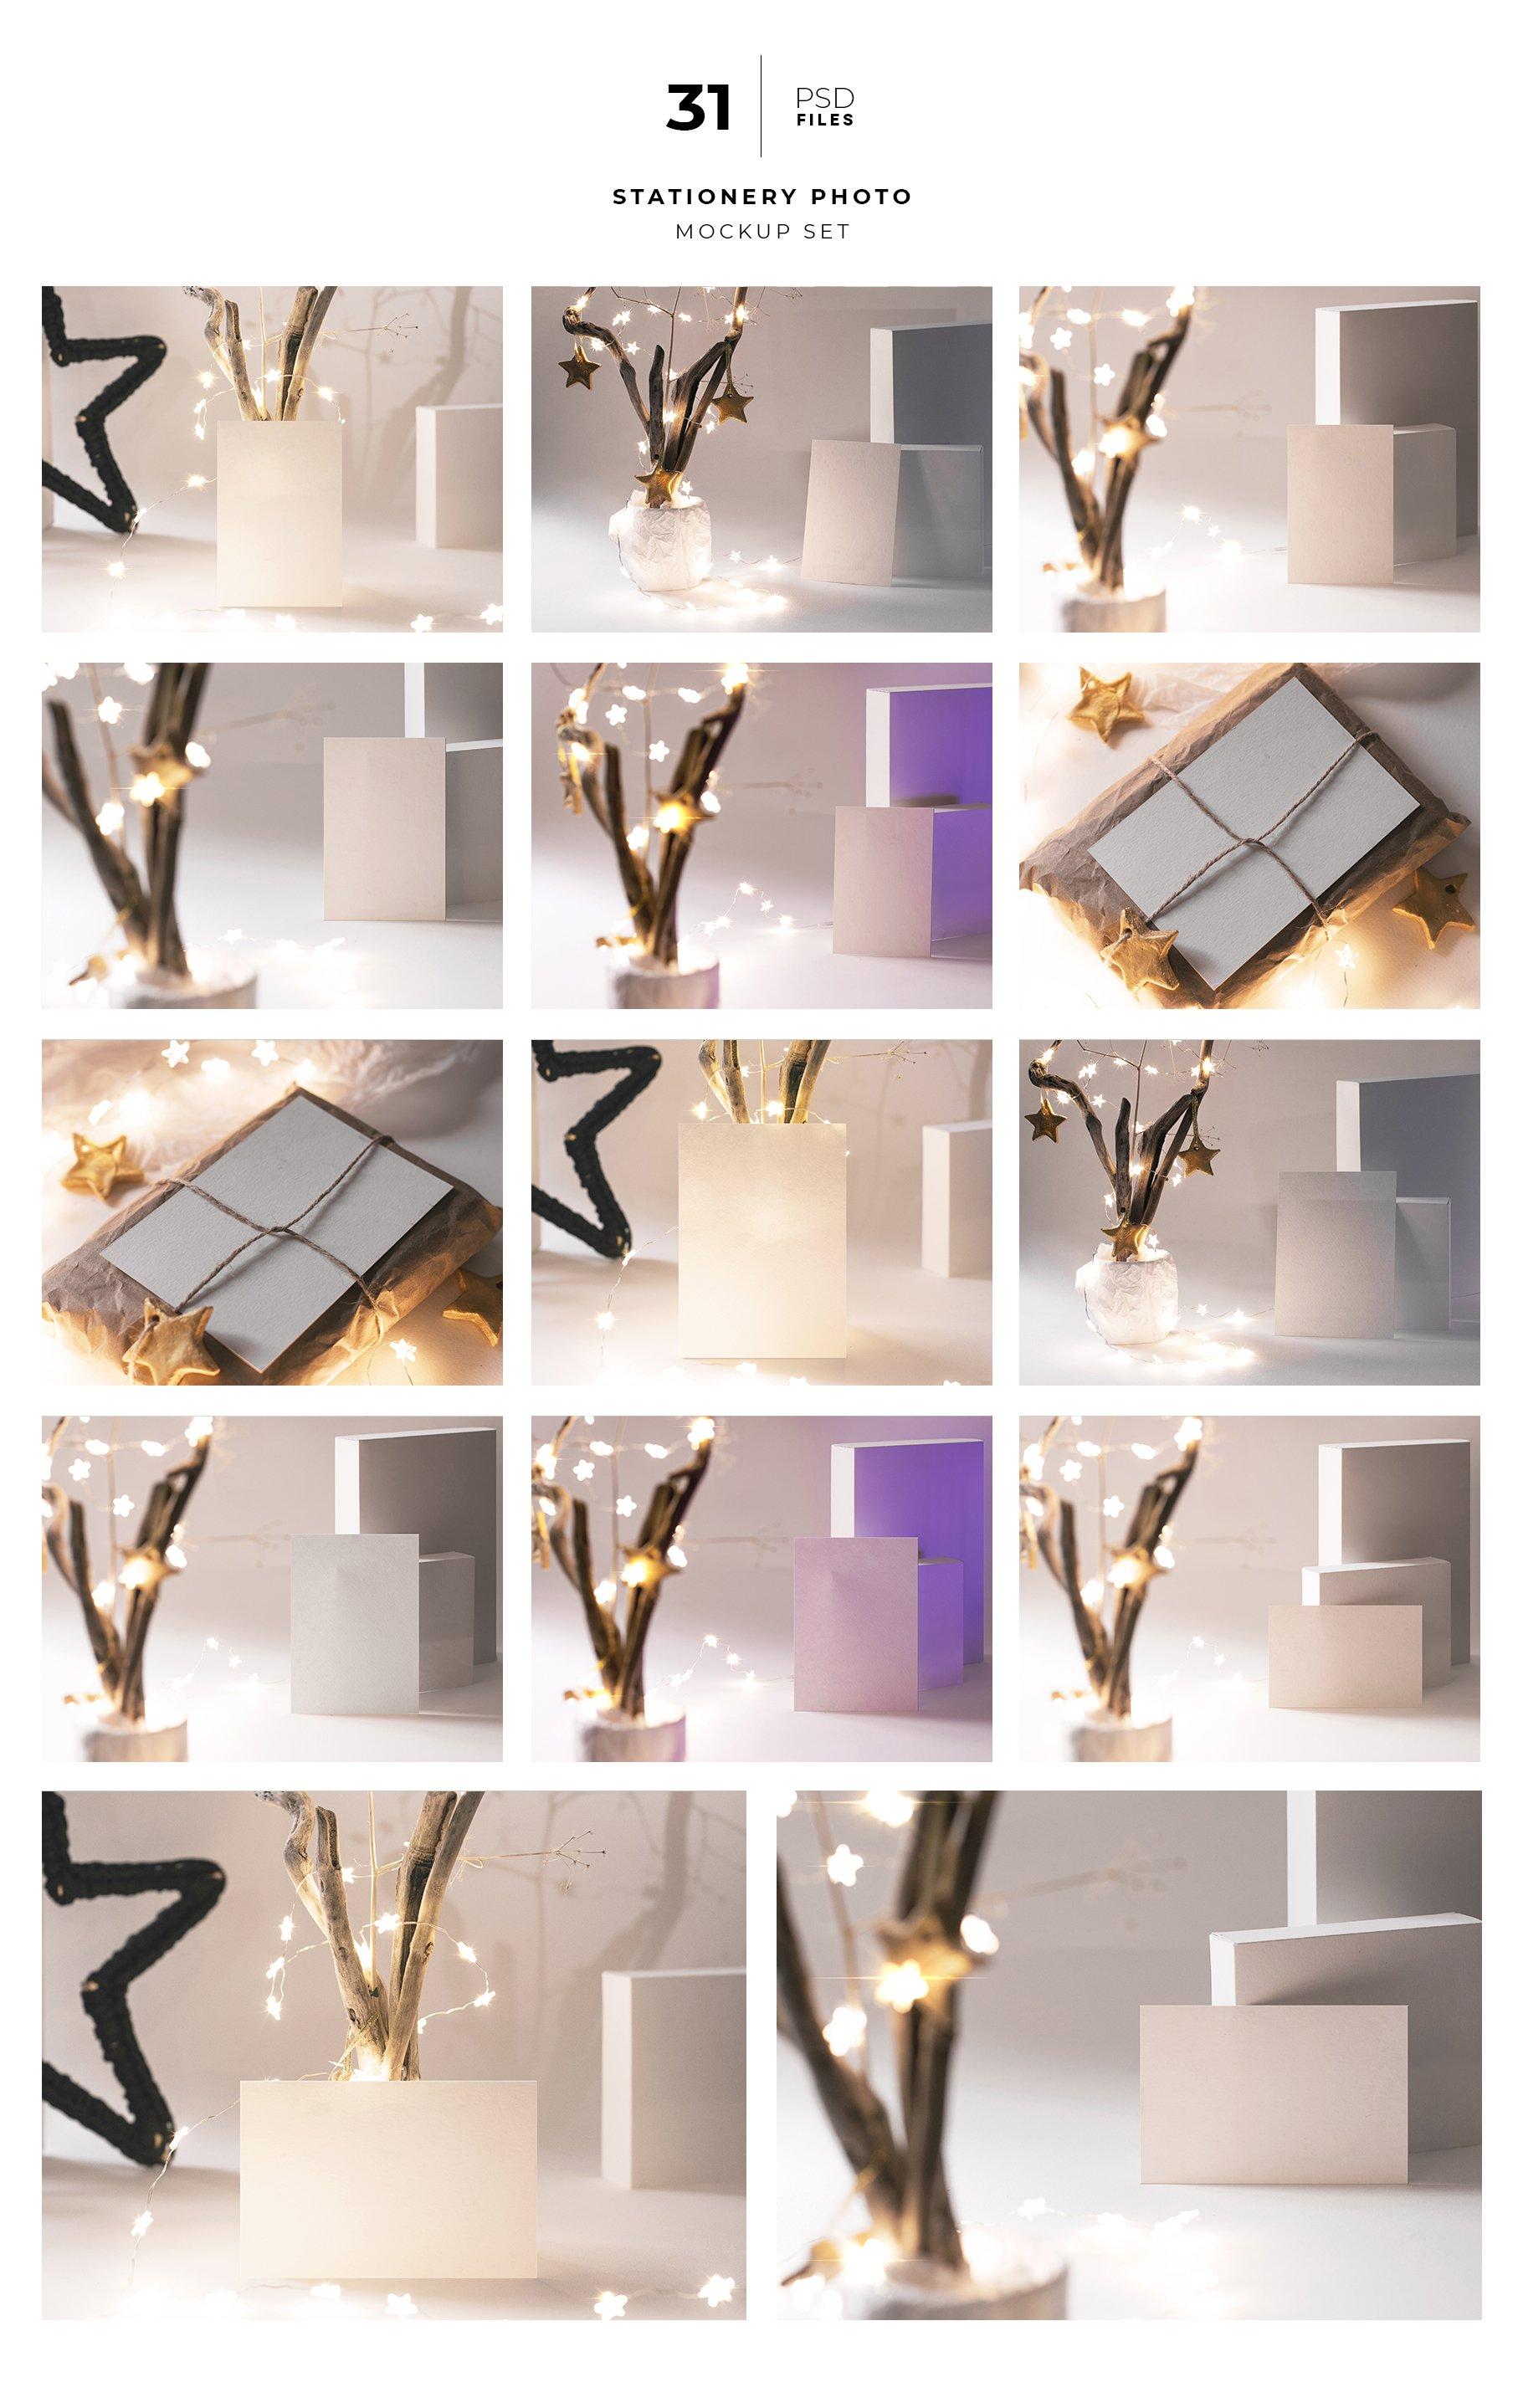 31款圣诞节主题礼品卡标签办公用品样机合集 Christmas Stationery Mockup Set插图1